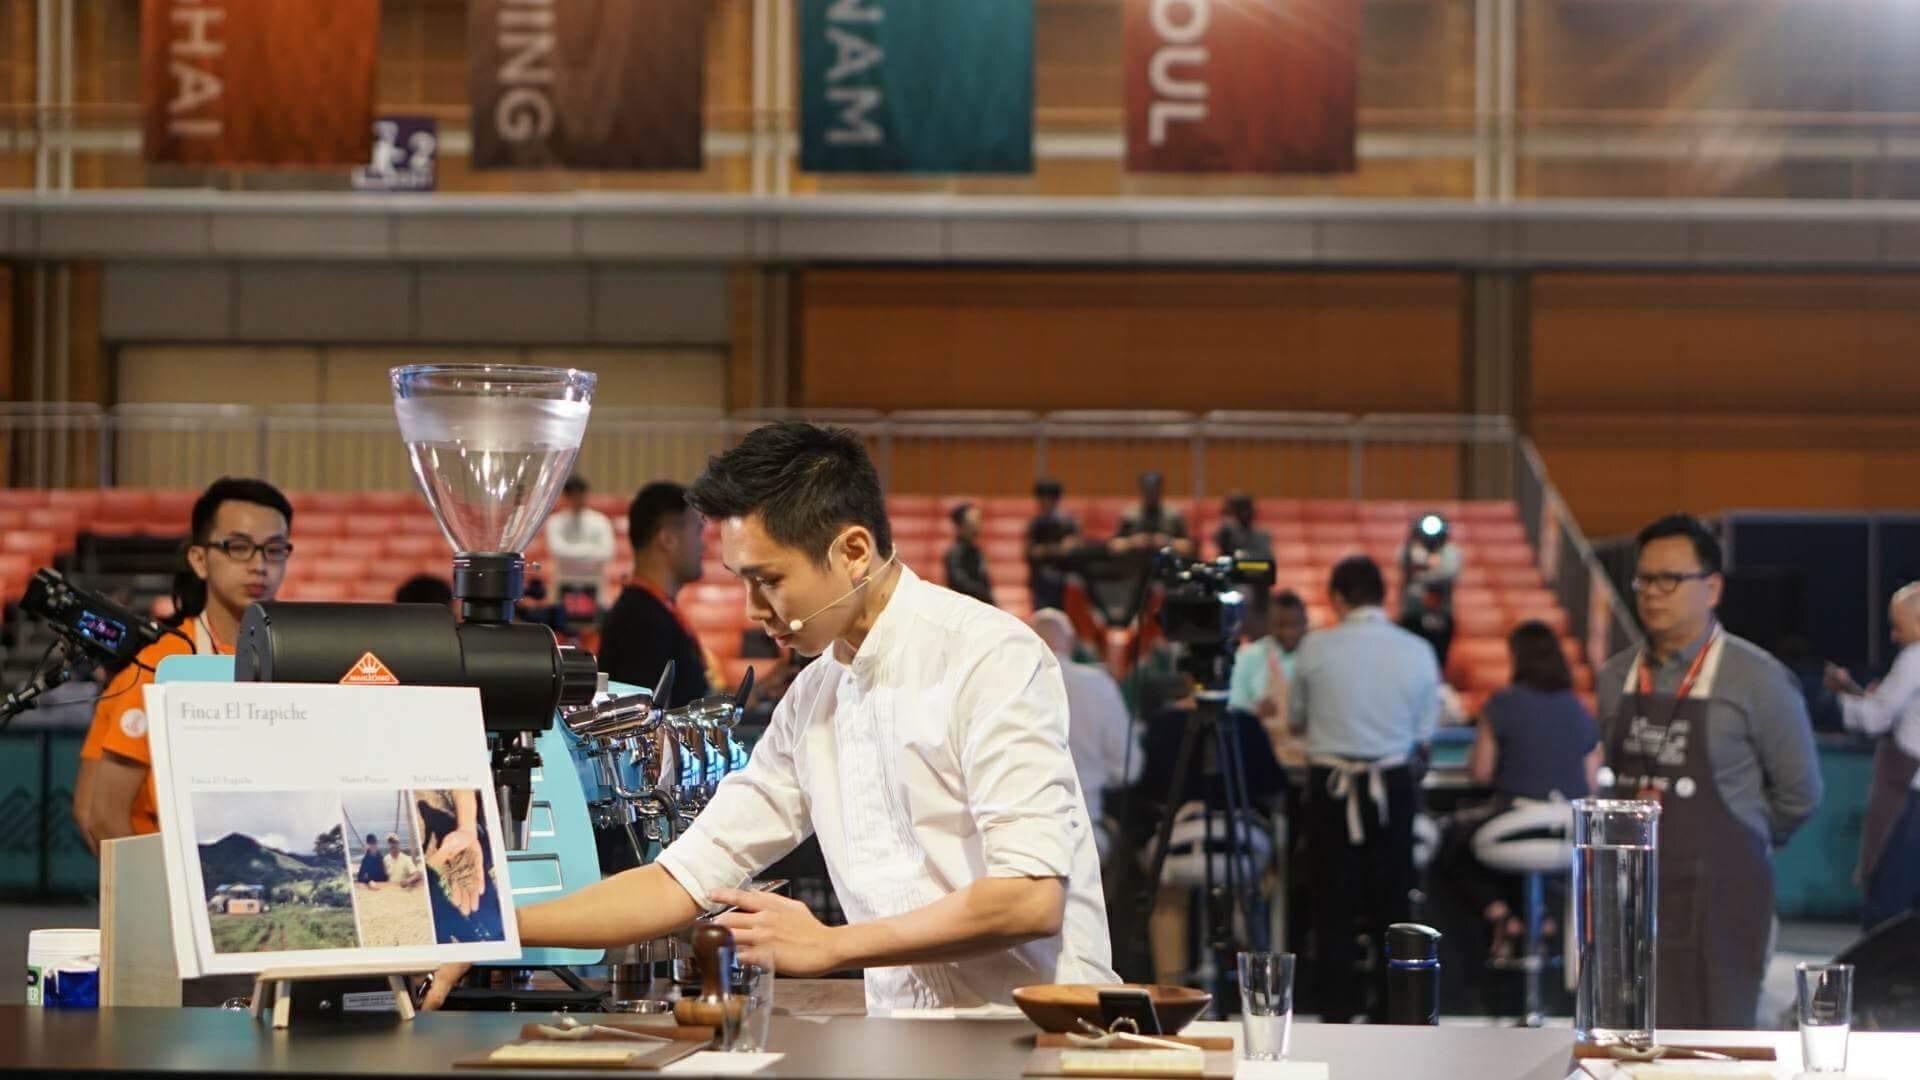 campeonato barista